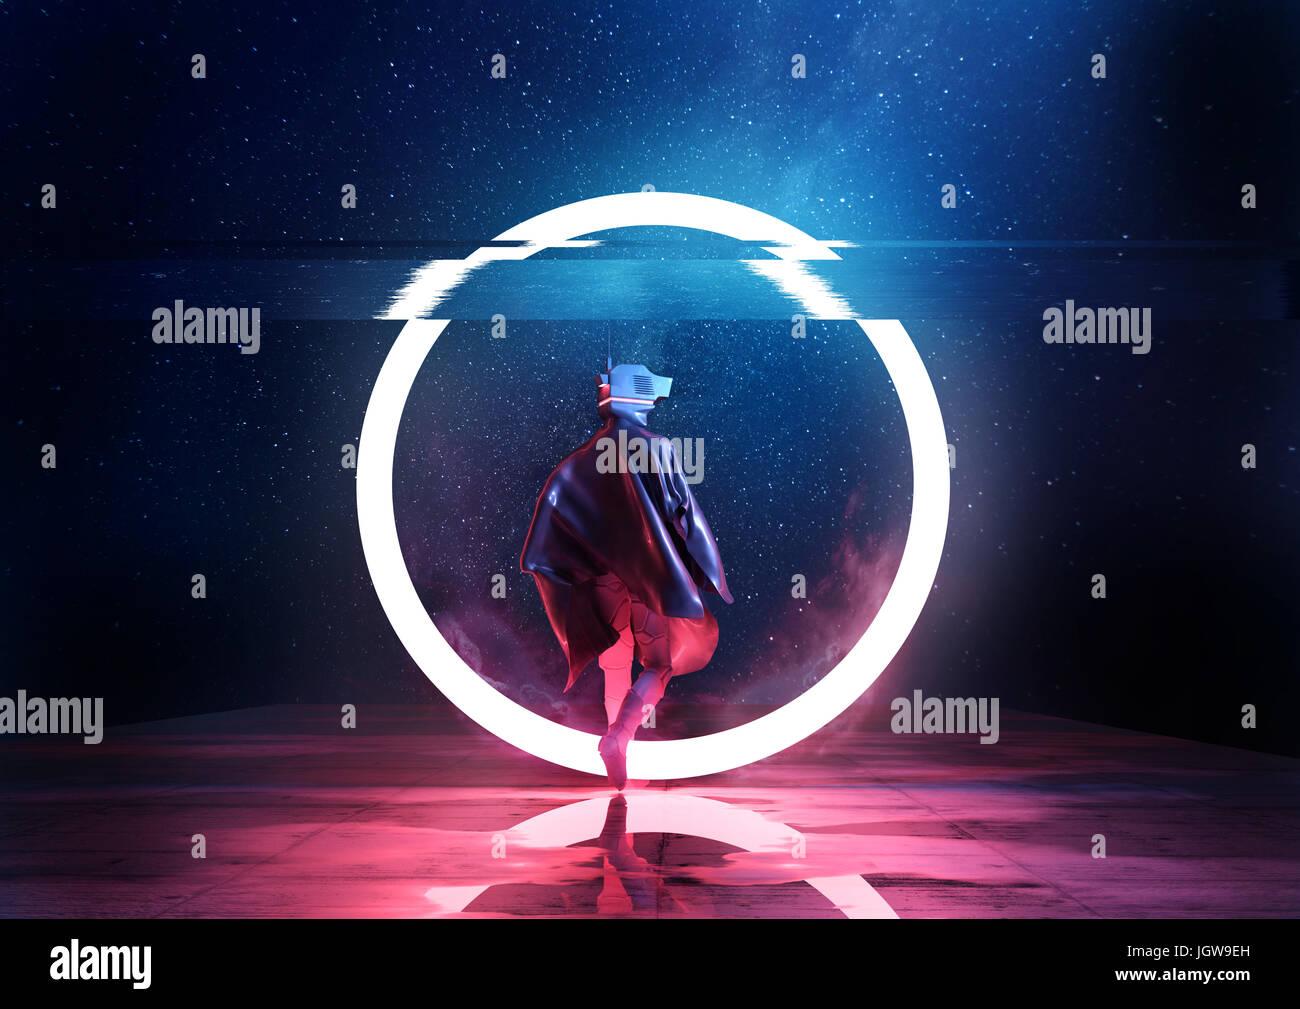 Retrò futuro. Un avveniristico spaceman camminando attraverso un cerchio di luce. 3D illustrazione Immagini Stock